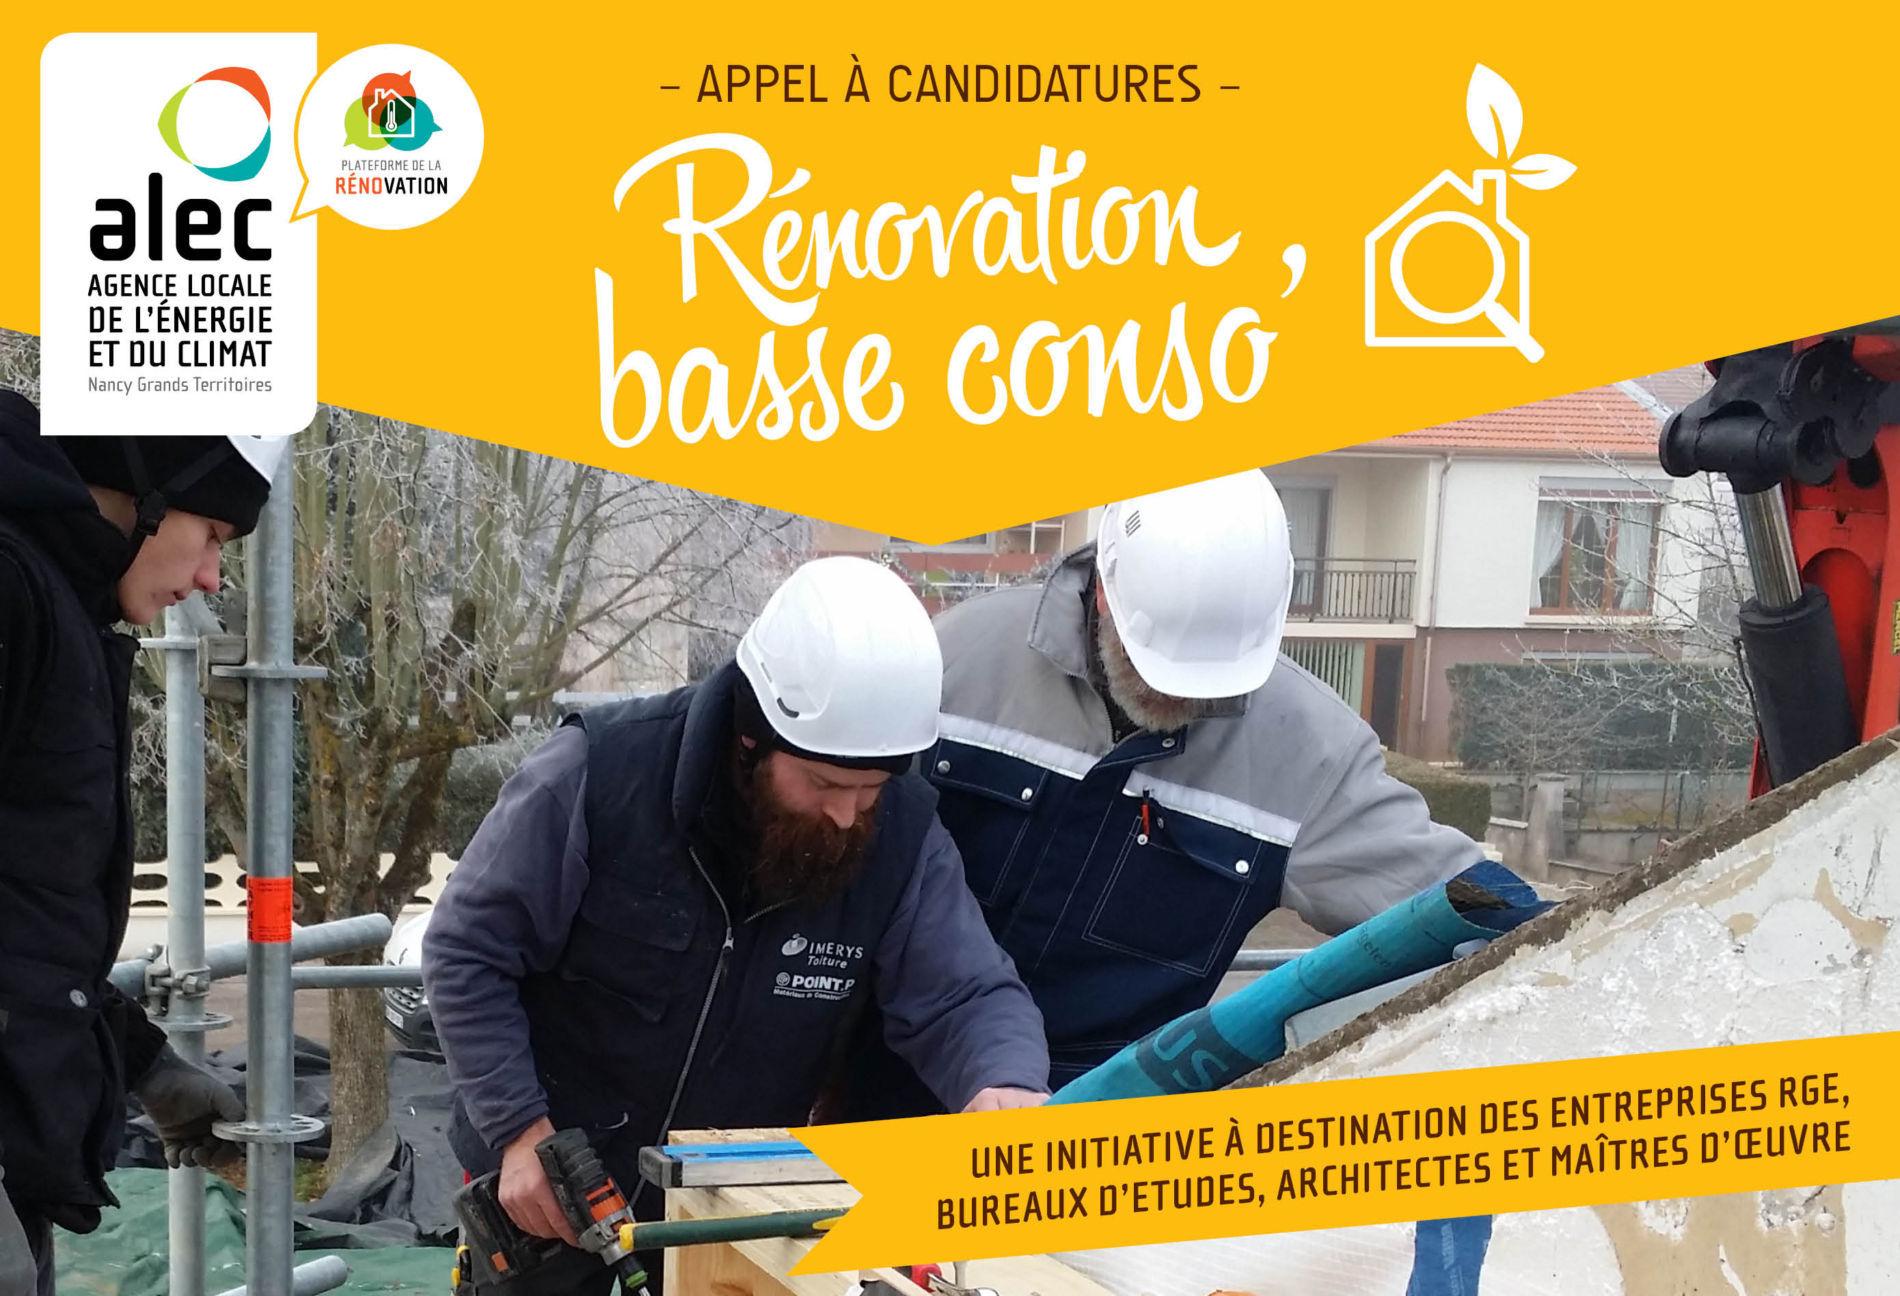 """Appel à candidatures """"Rénovation basse conso'"""""""